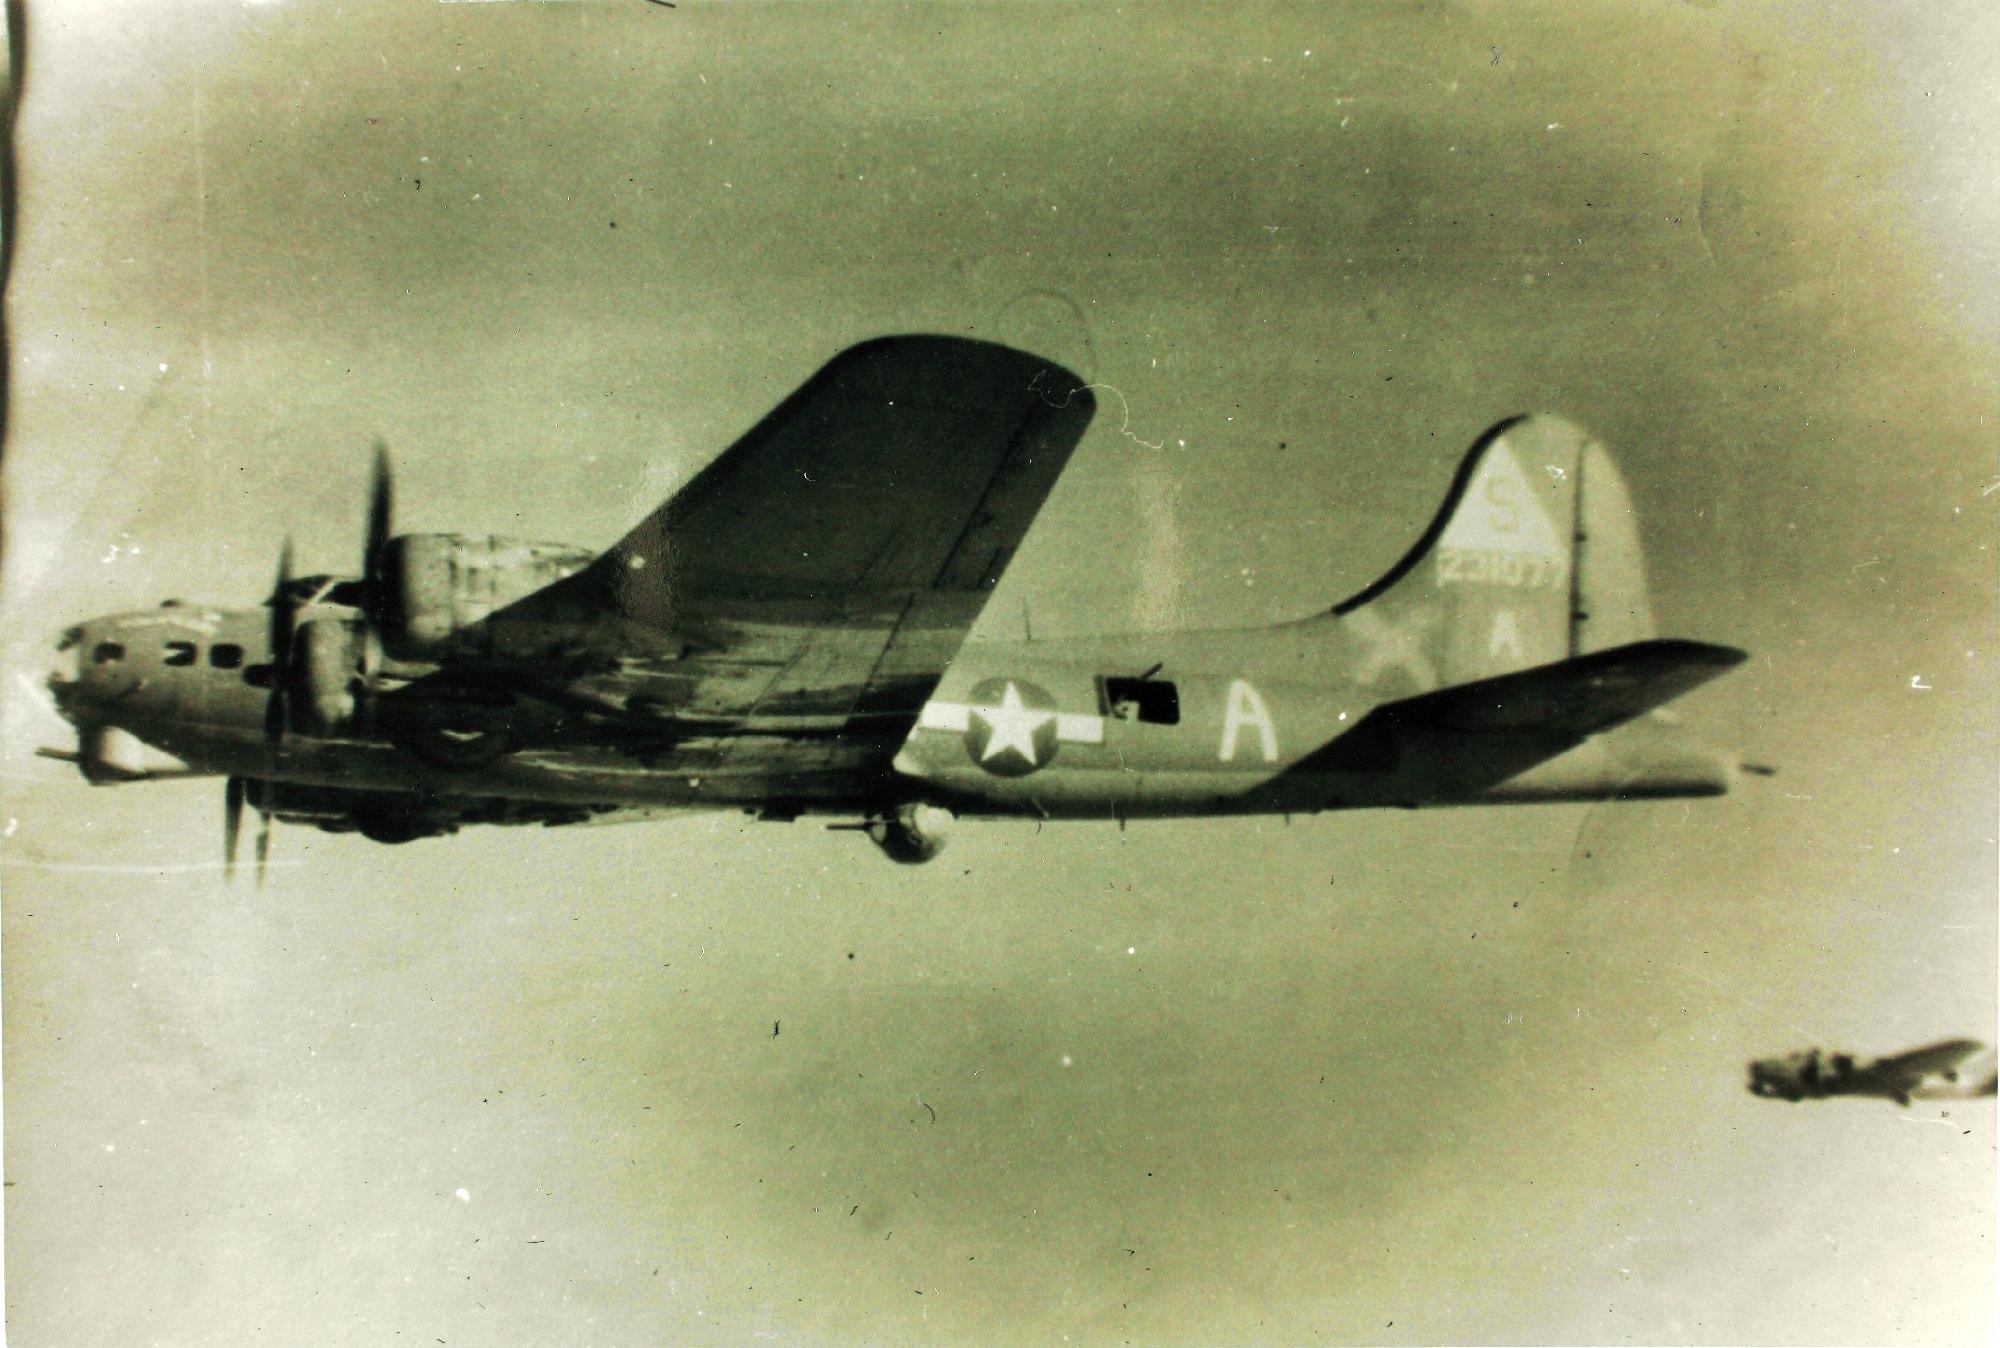 B-17 #42-31077 / Pakawalup II